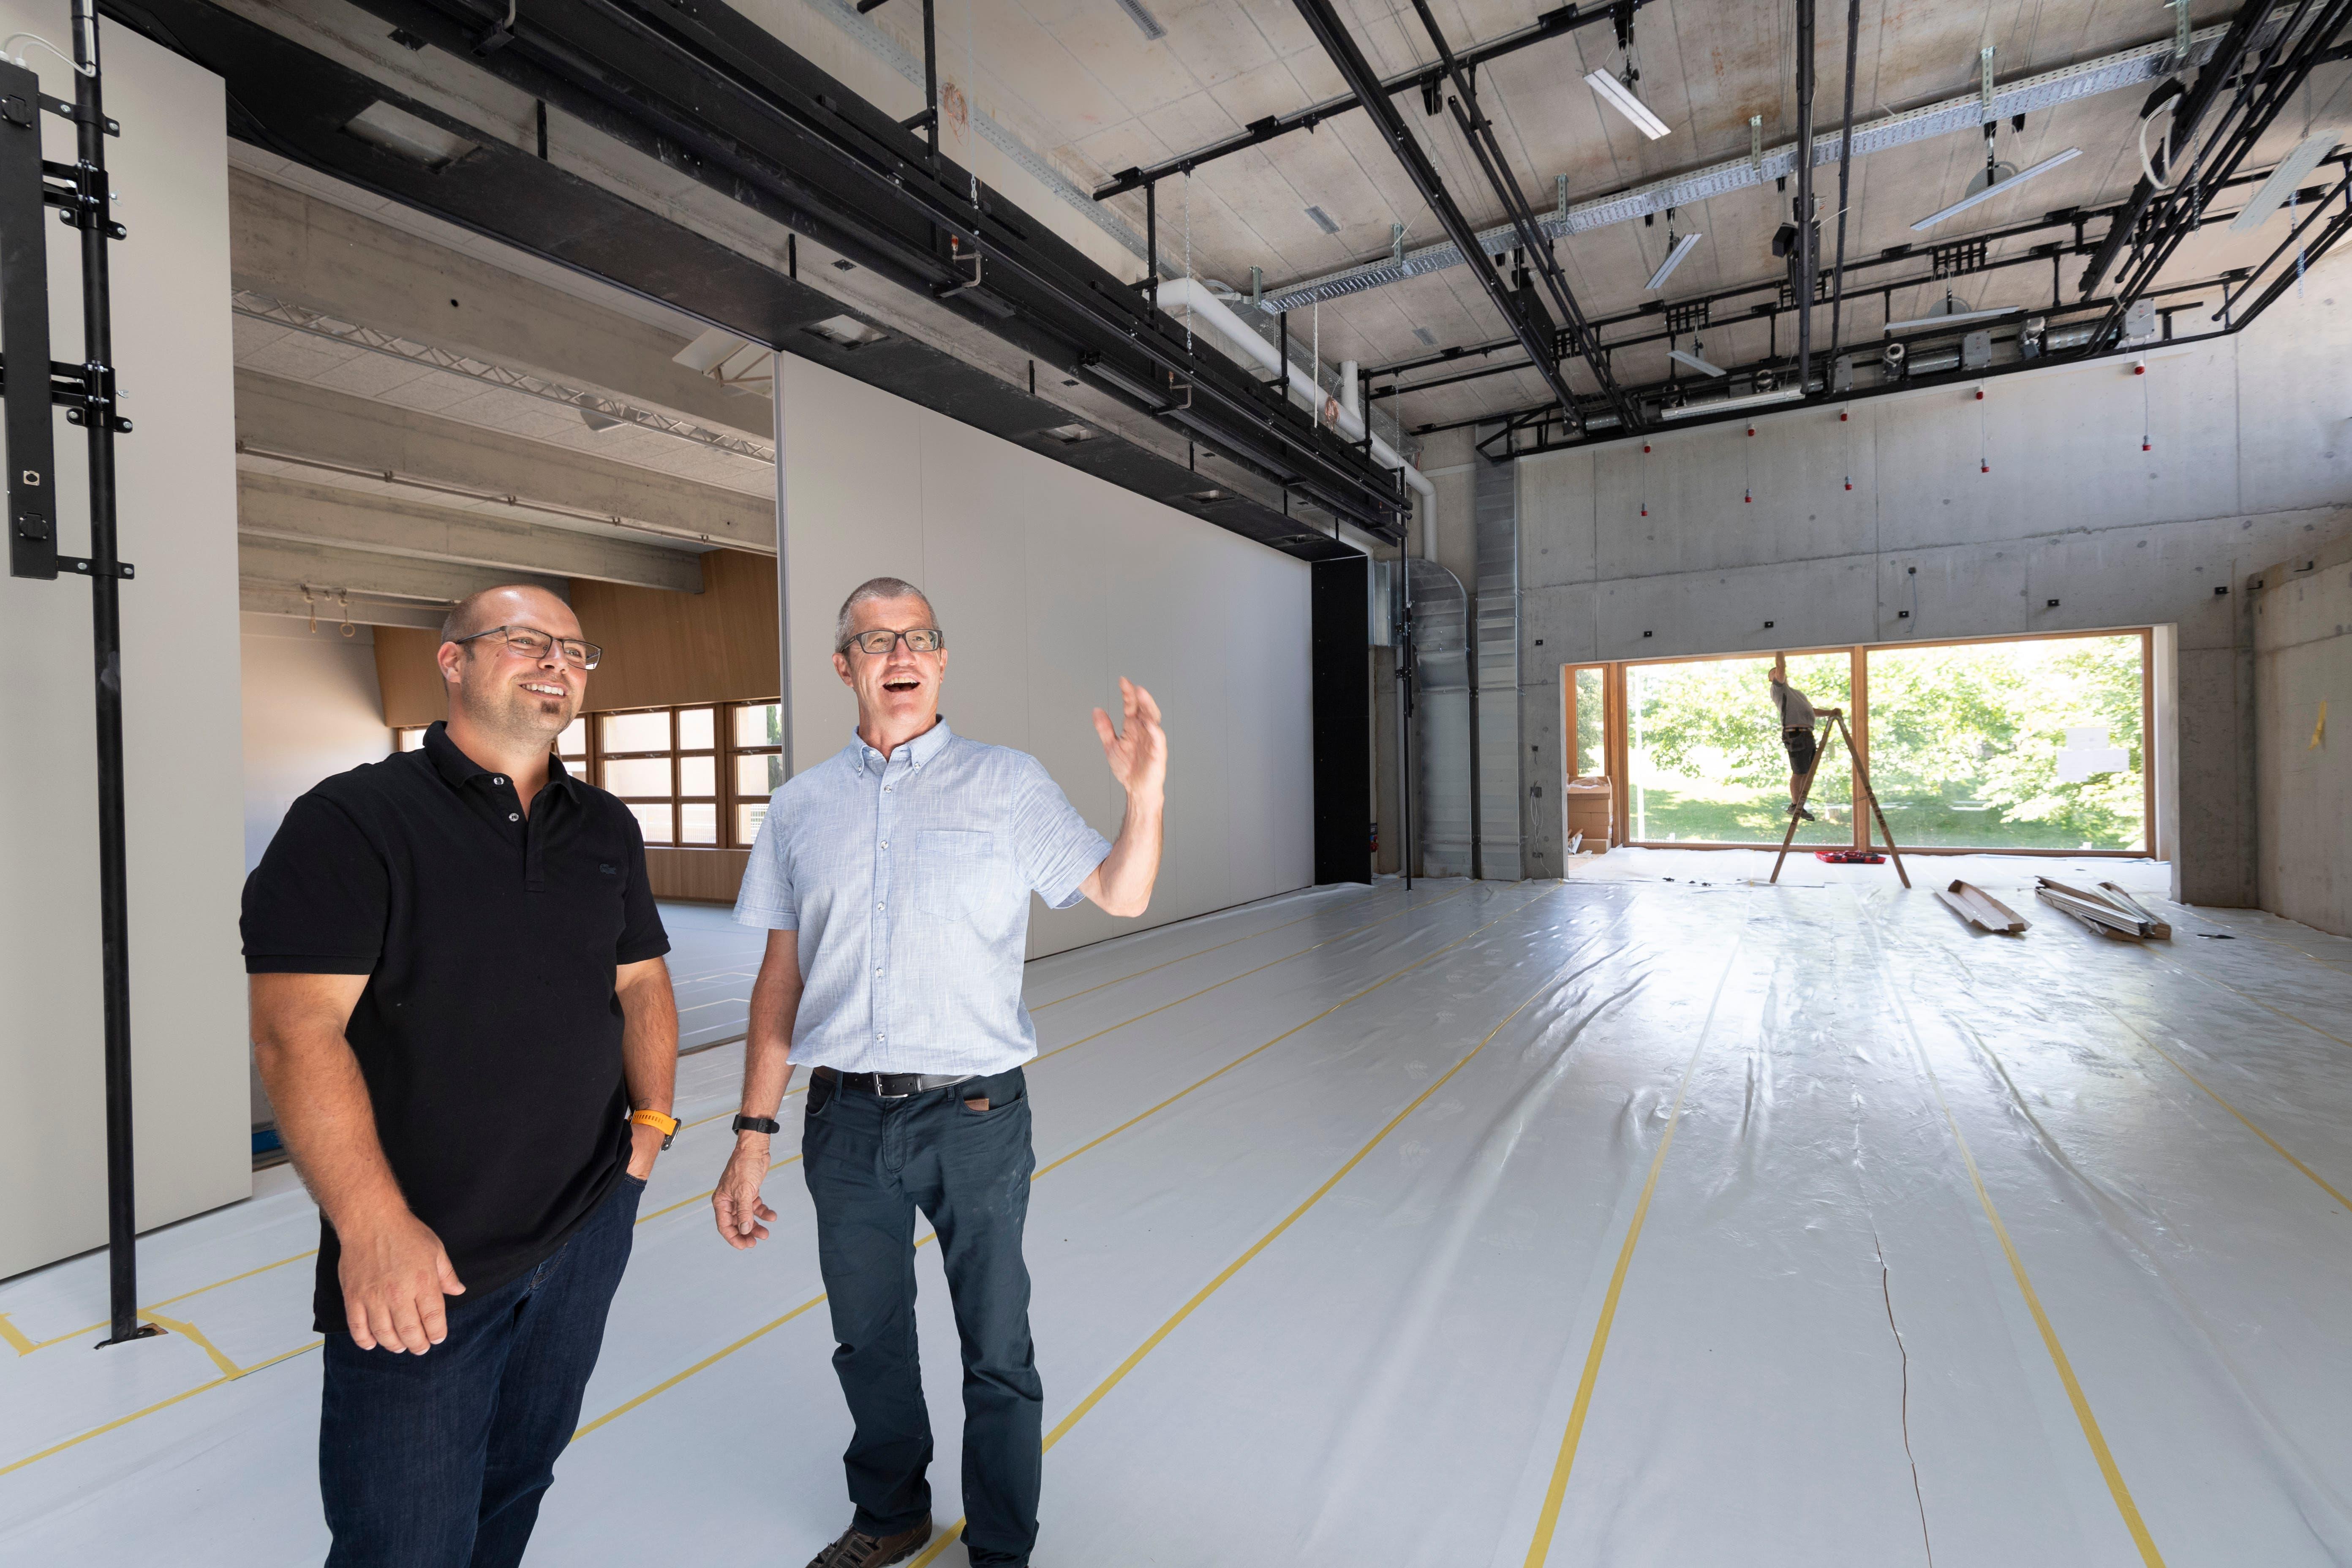 Gemeindepräsident Sandro Parissenti und Gemeinderat Christian Würth (von links) im Multifunktionsraum.